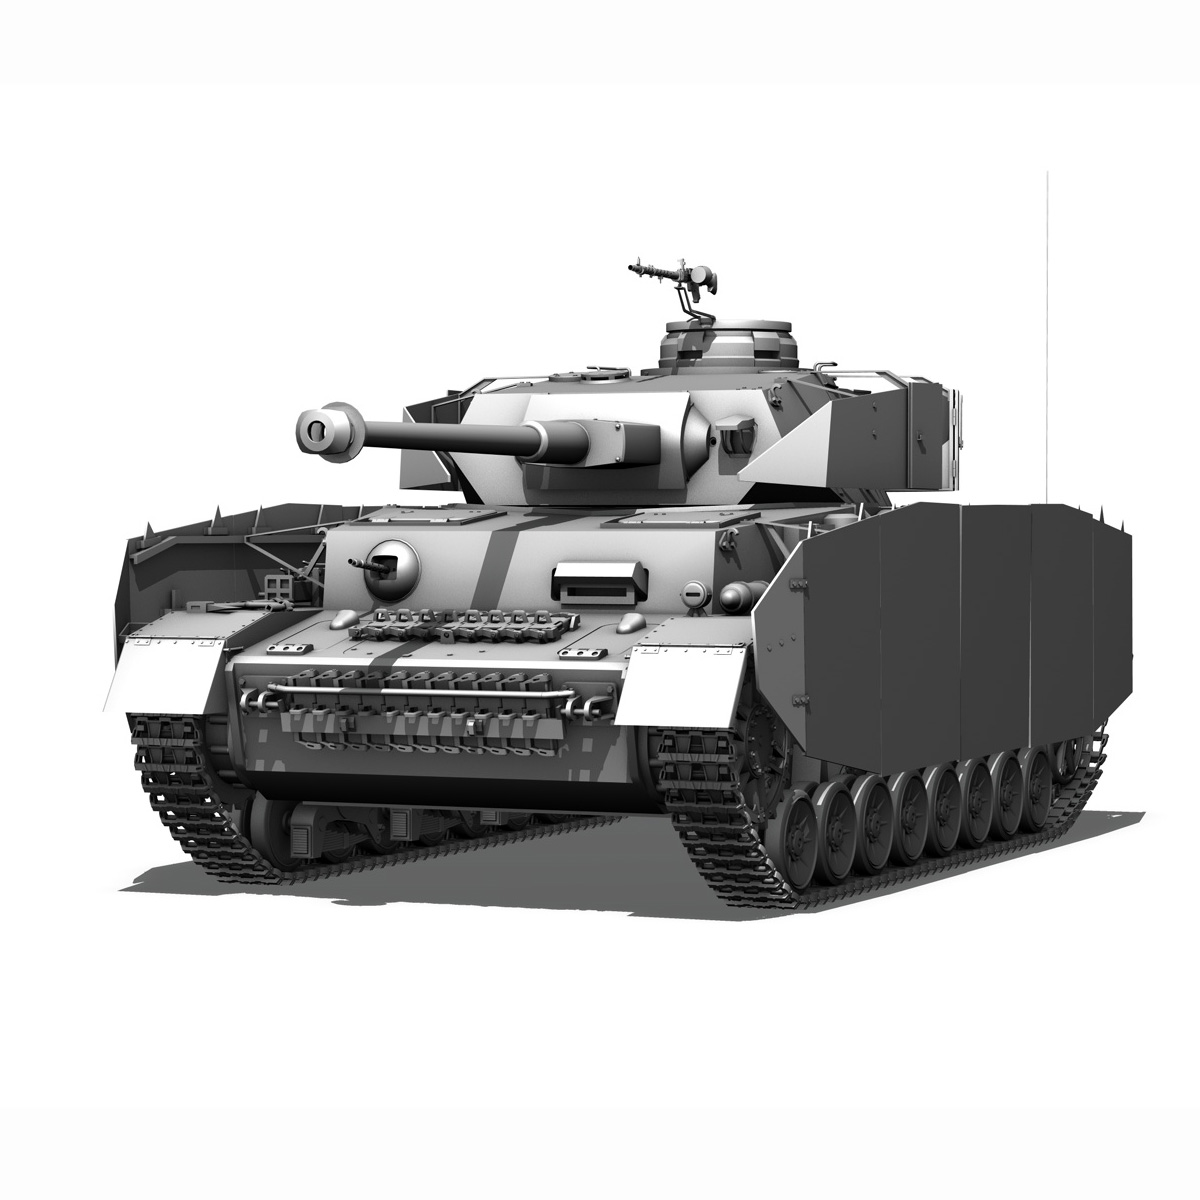 sd.kfz 161 pzkpfw iv - panzer 4 - ausf.h késő 3d modell 3ds fbx c4d lwo obj 190317